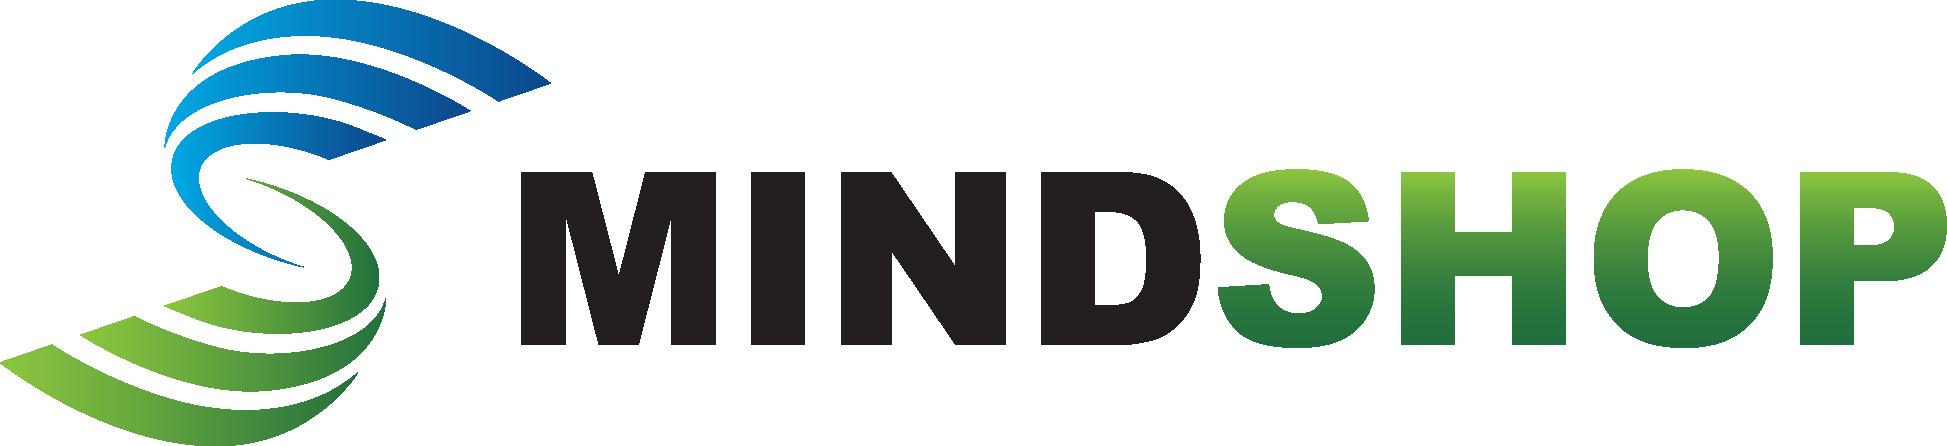 Mindshop™